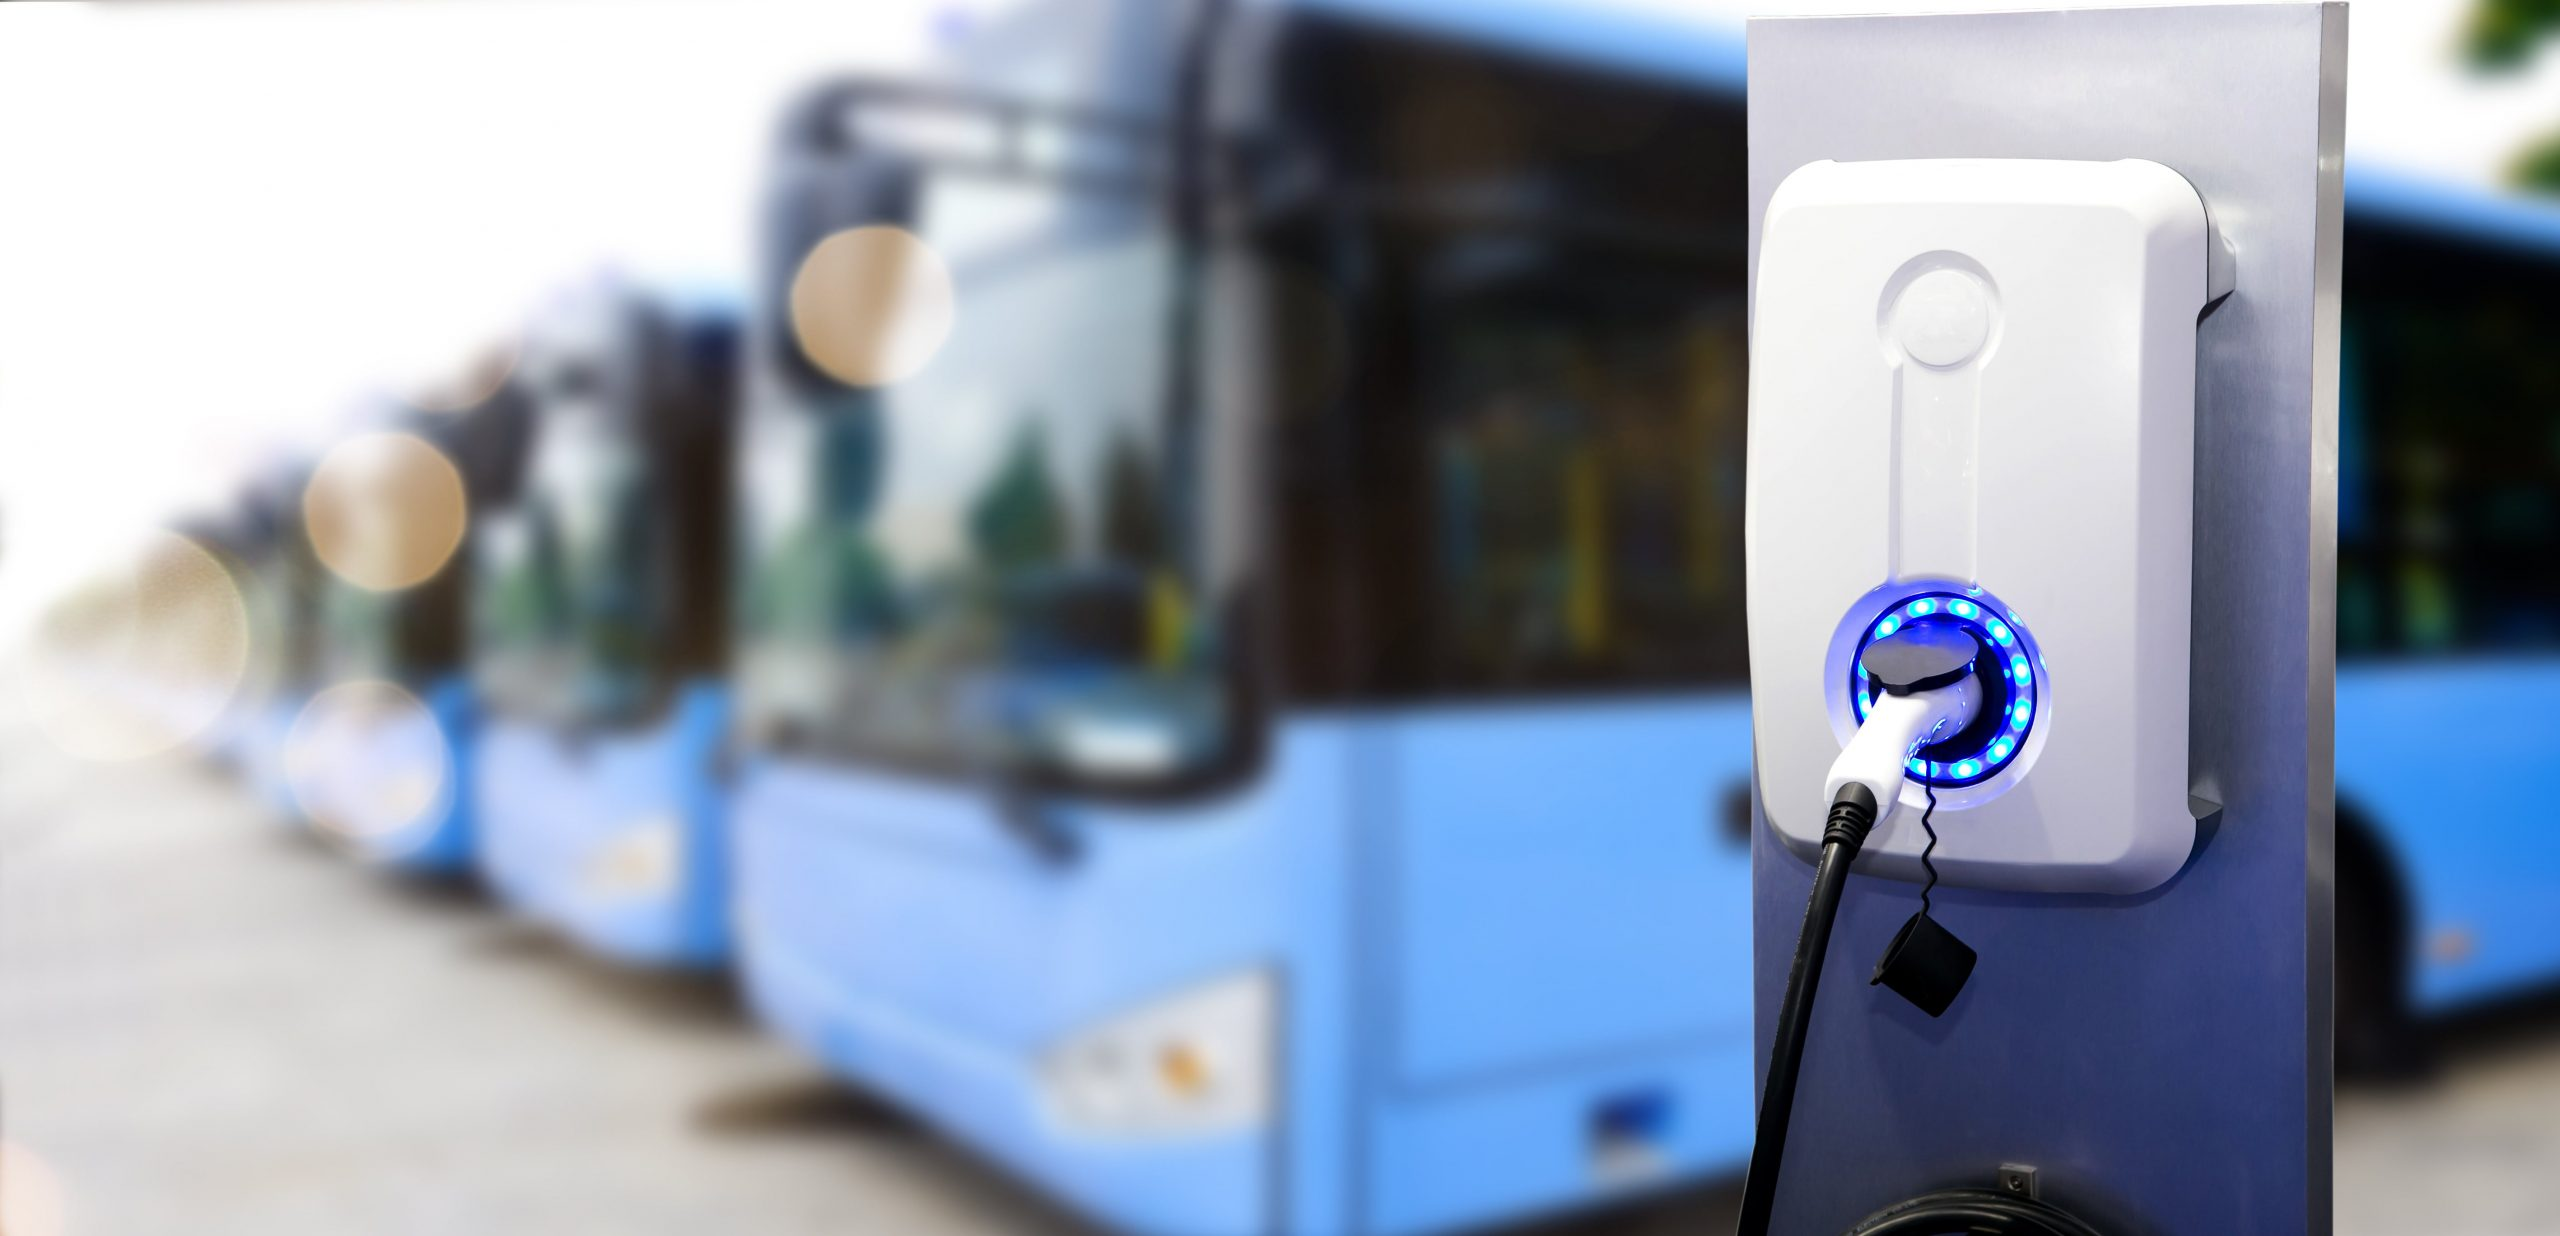 Autobus elettrici Tempi Agenzia